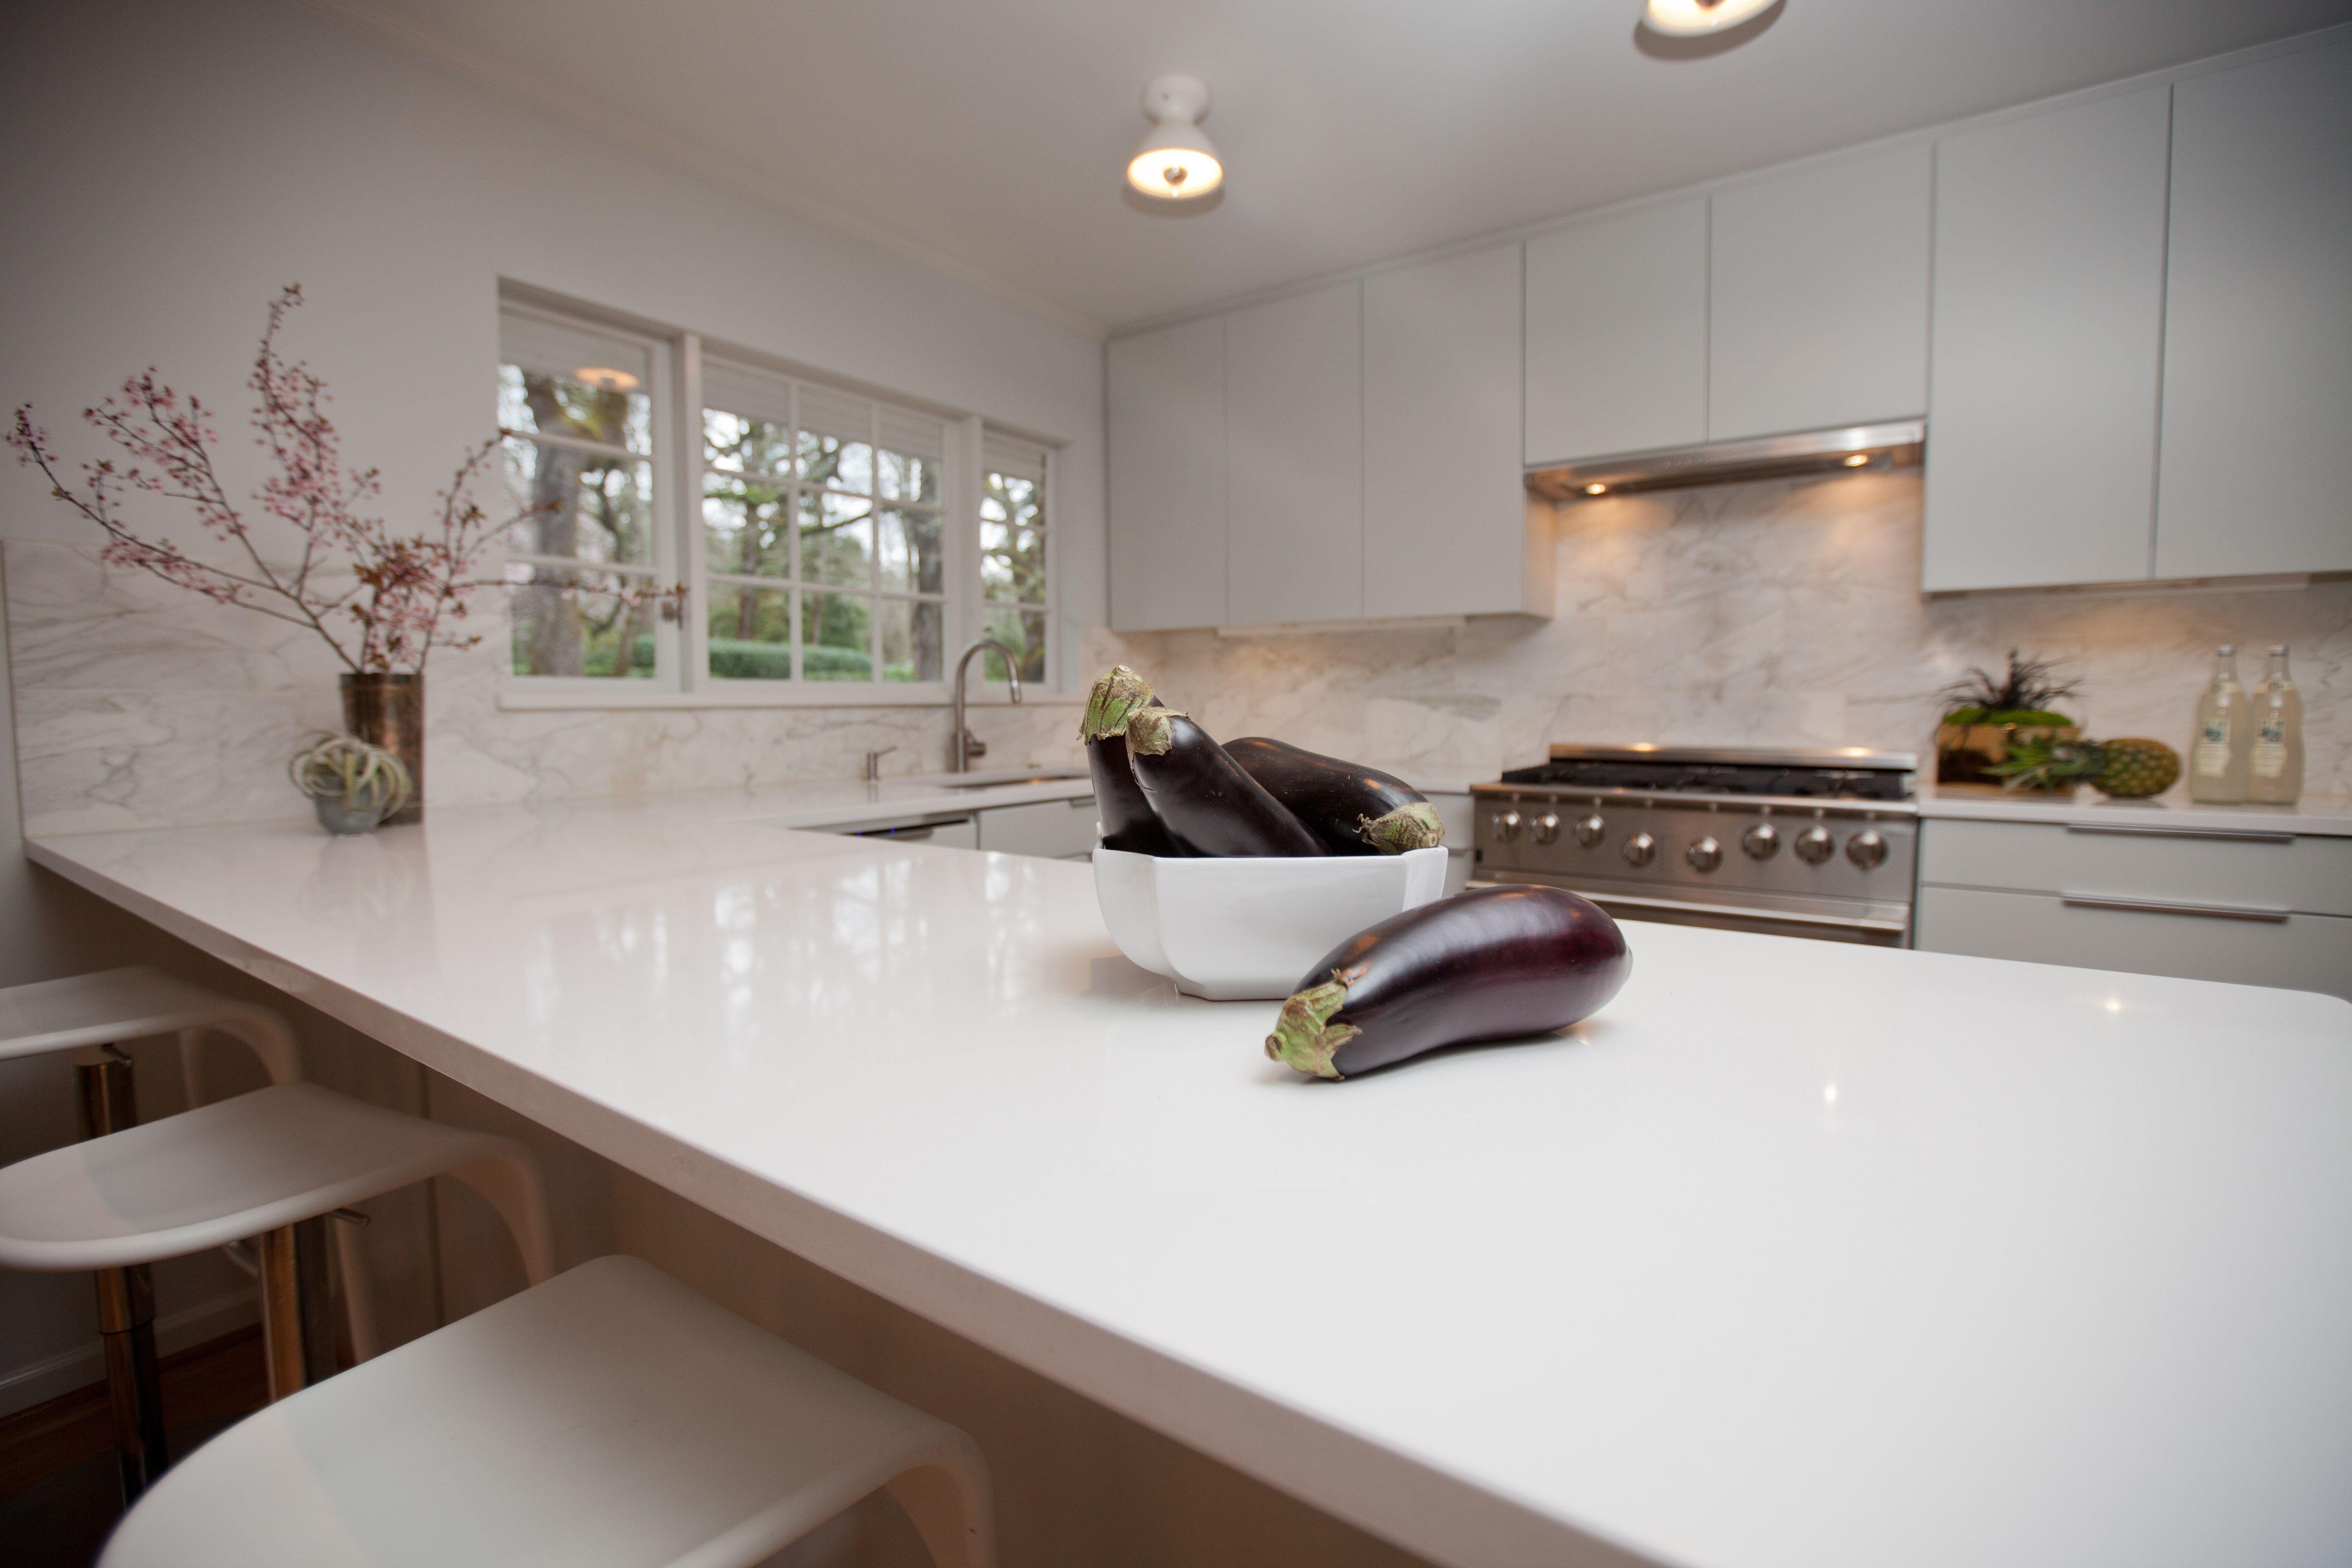 white kitchen countertops center island quartz set on wooden furniture